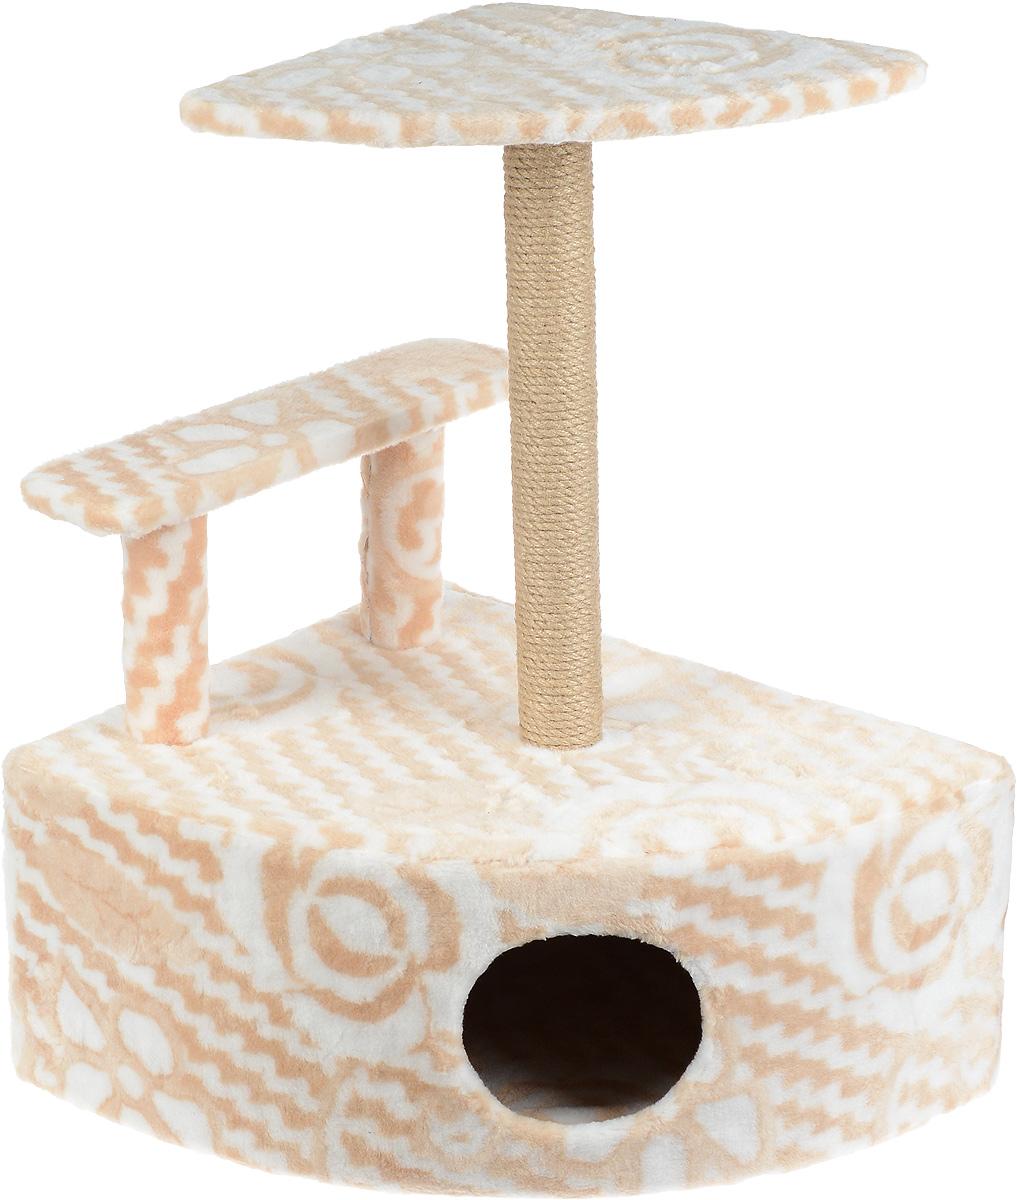 Игровой комплекс для кошек Меридиан, угловой, с домиком и когтеточкой, цвет: бежевый, белый, 58 х 48 х 79 см0120710Игровой комплекс для кошек Меридиан выполнен из высококачественного ДВП и ДСП и обтянут искусственным мехом. Изделие предназначено для кошек. Комплекс оснащен ступенькой. Ваш домашний питомец будет с удовольствием точить когти о специальный столбик, изготовленный из джута. А отдохнуть он сможет либо на полке, находящейся наверху столбика, либо в расположенном внизу домике.Общий размер: 58 х 48 х 79 см.Размер полки: 37 х 37 см.Высота ступеньки: 23 см.Размер домика: 58 х 48 х 28 см.